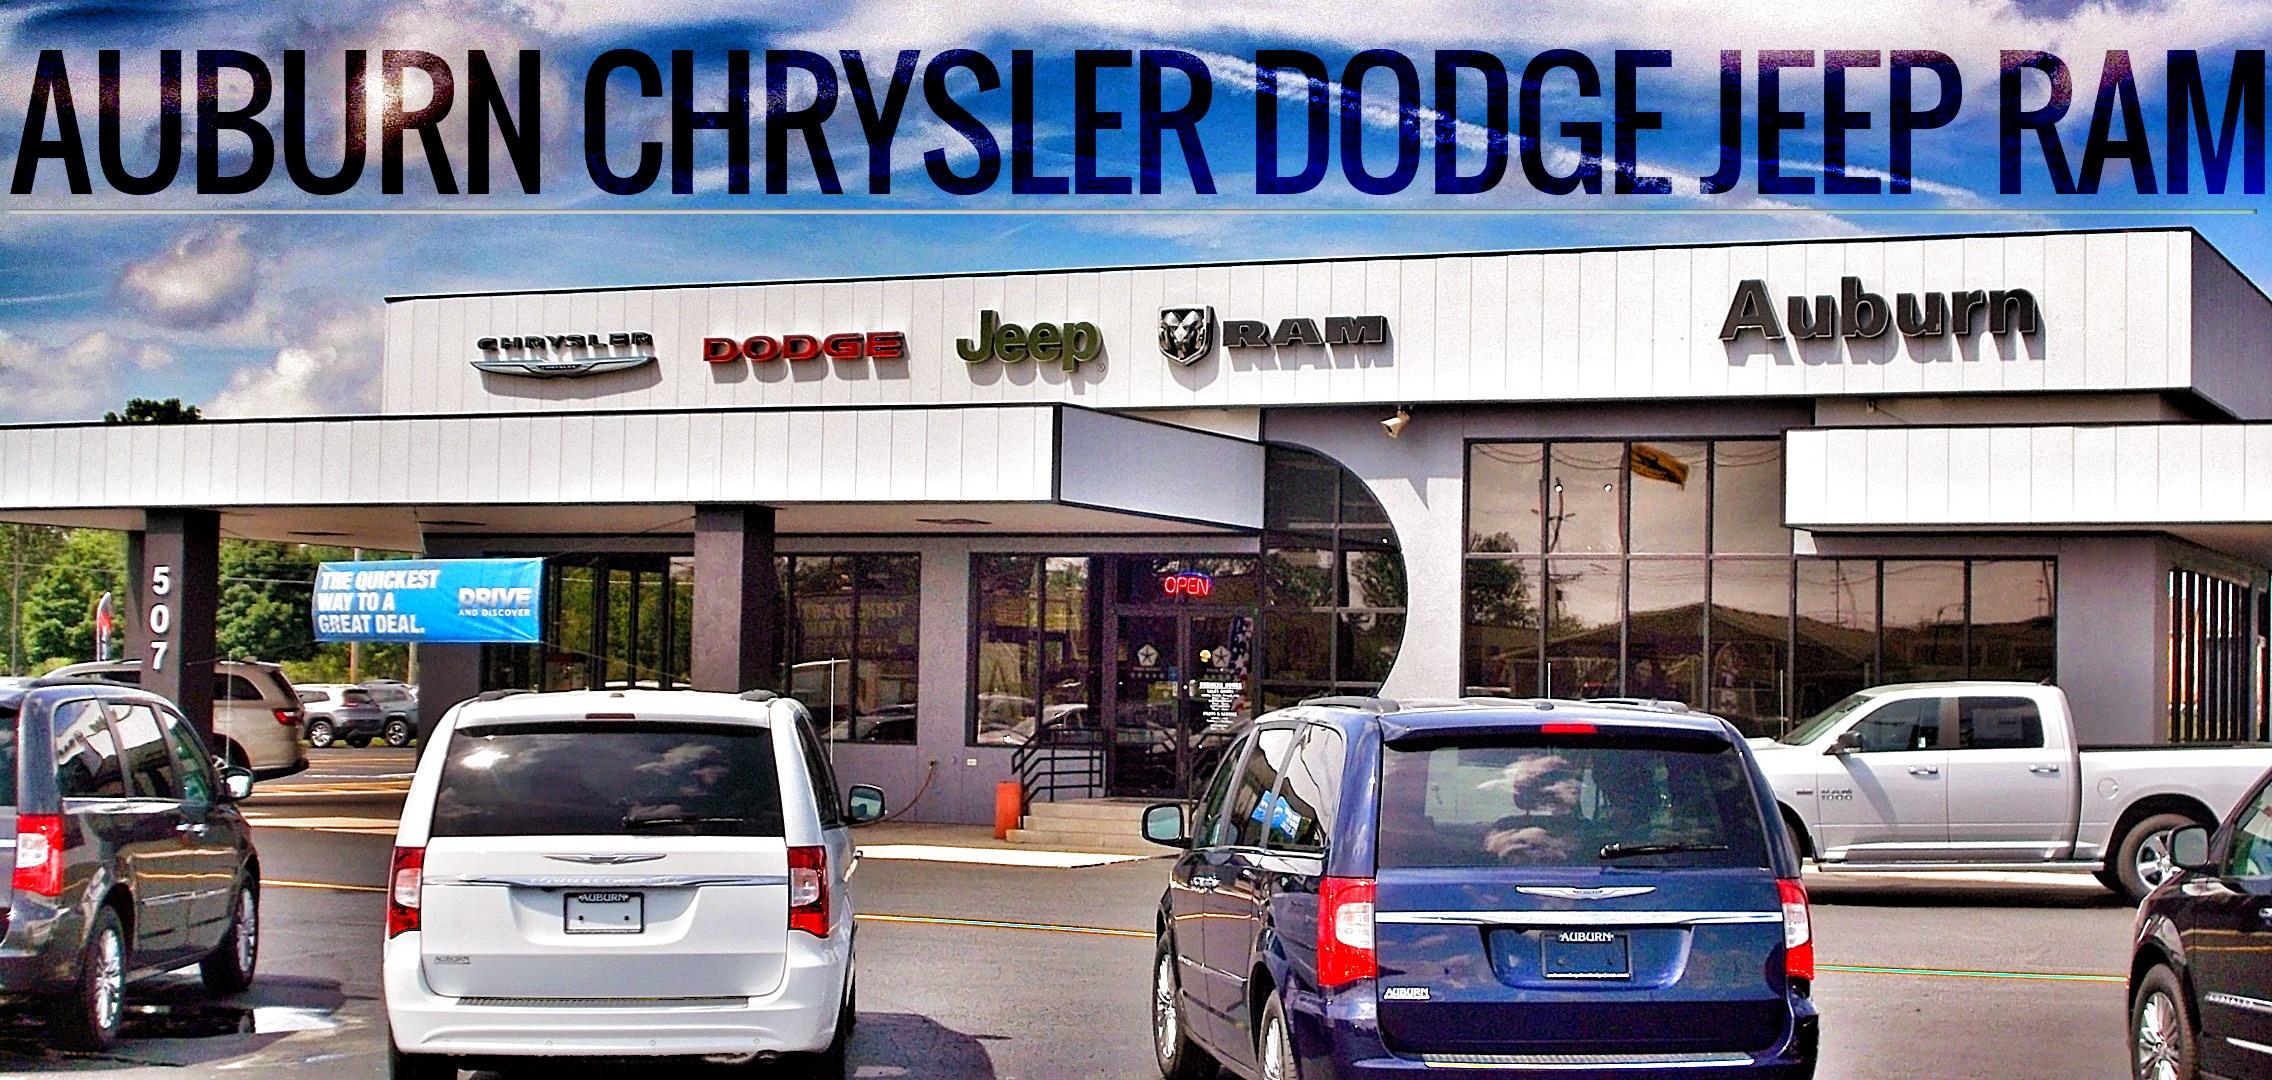 Auburn Chrysler Dodge Jeep Ram